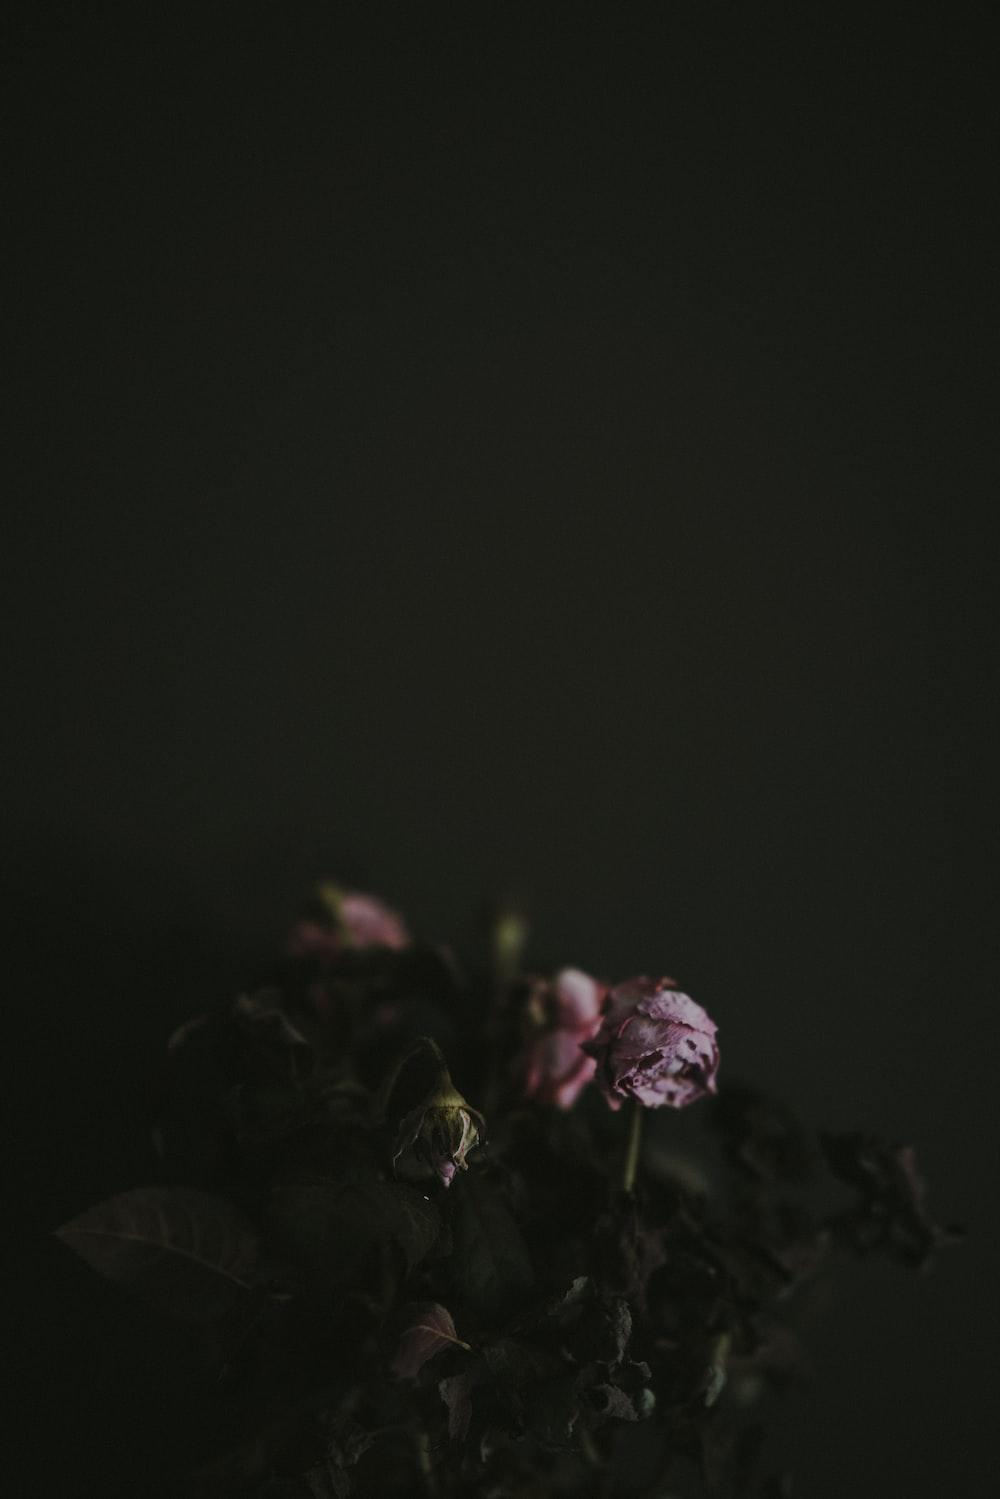 dead roses wallpaper